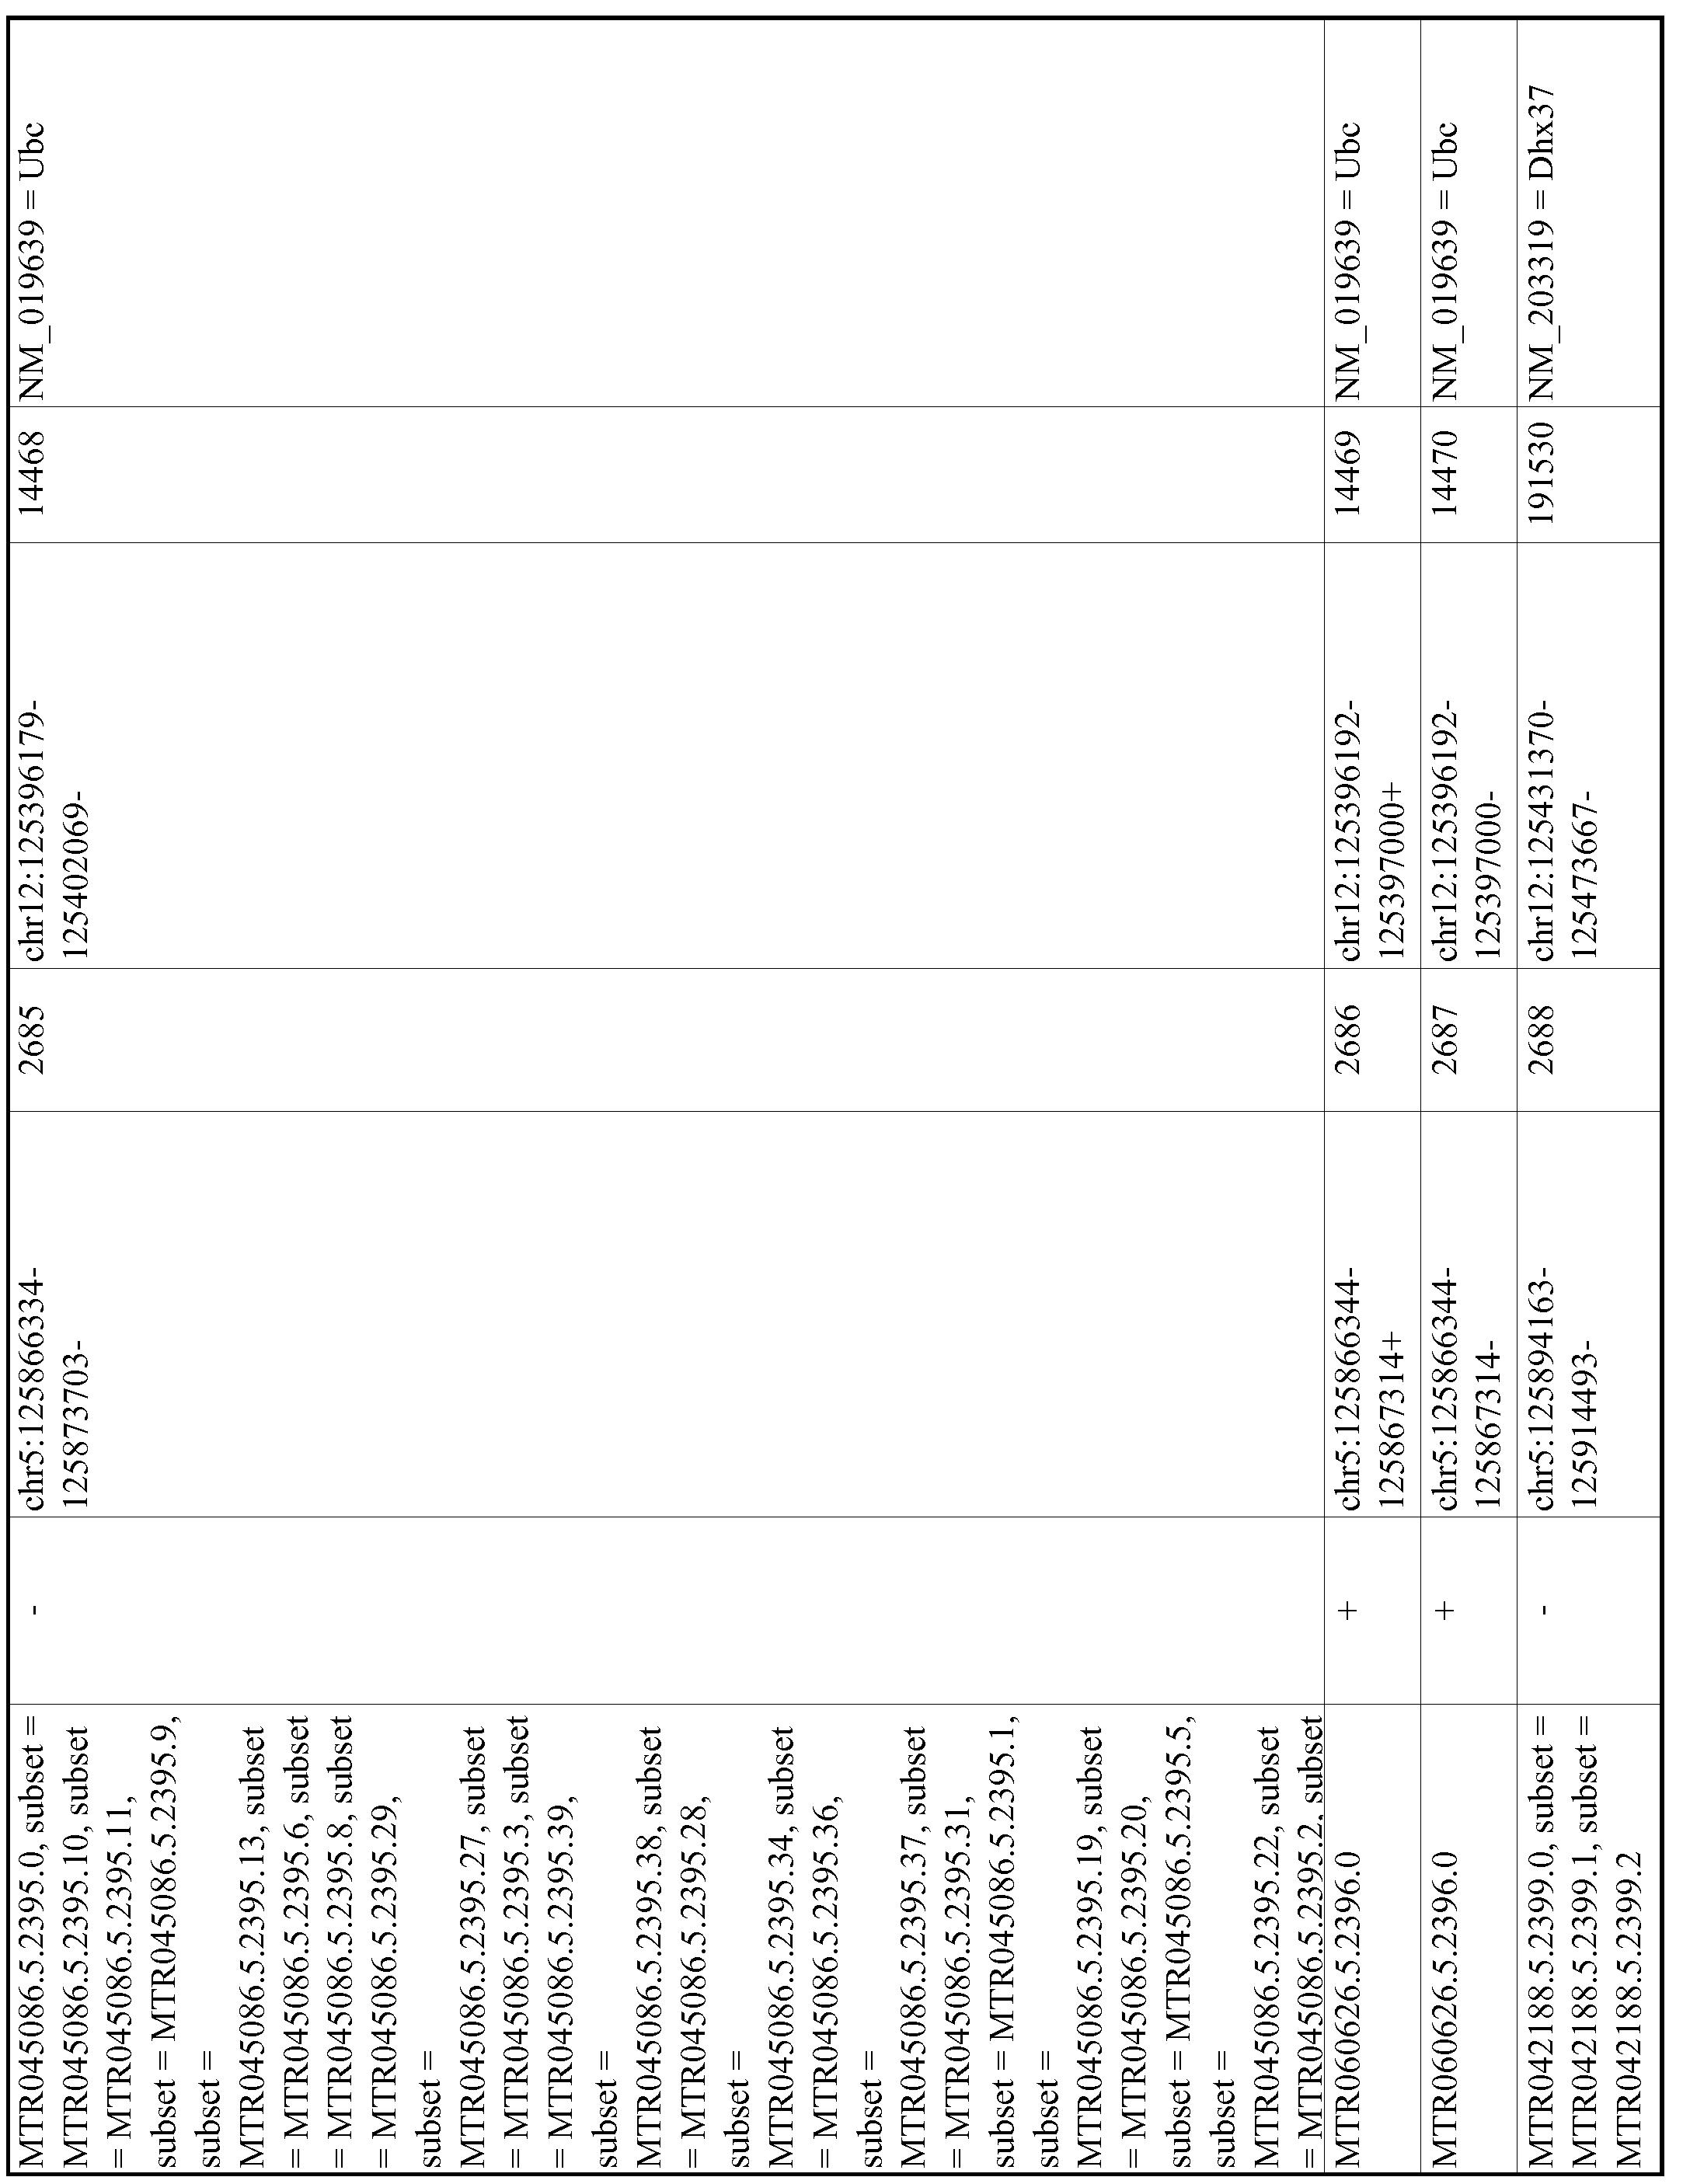 Figure imgf000560_0001